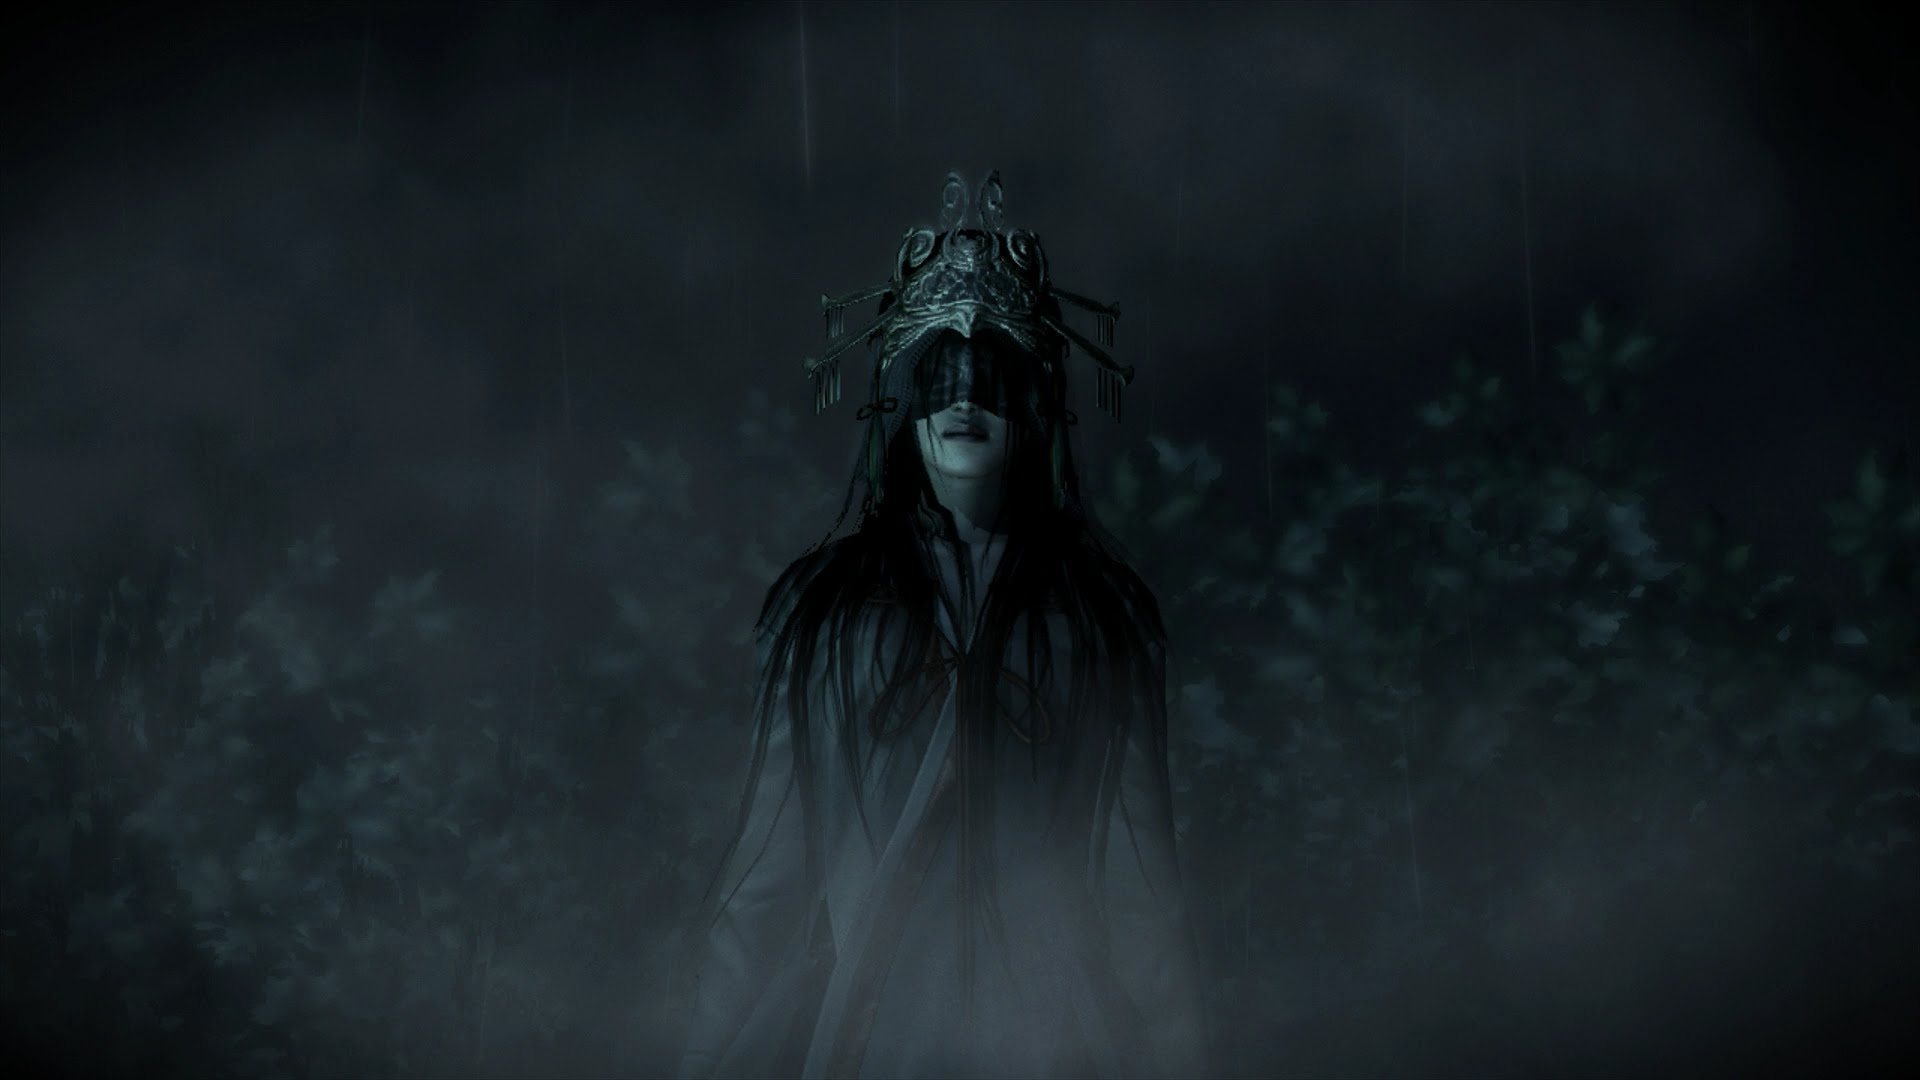 Análise de Fatal Frame: Maiden of Black Water - Voxel